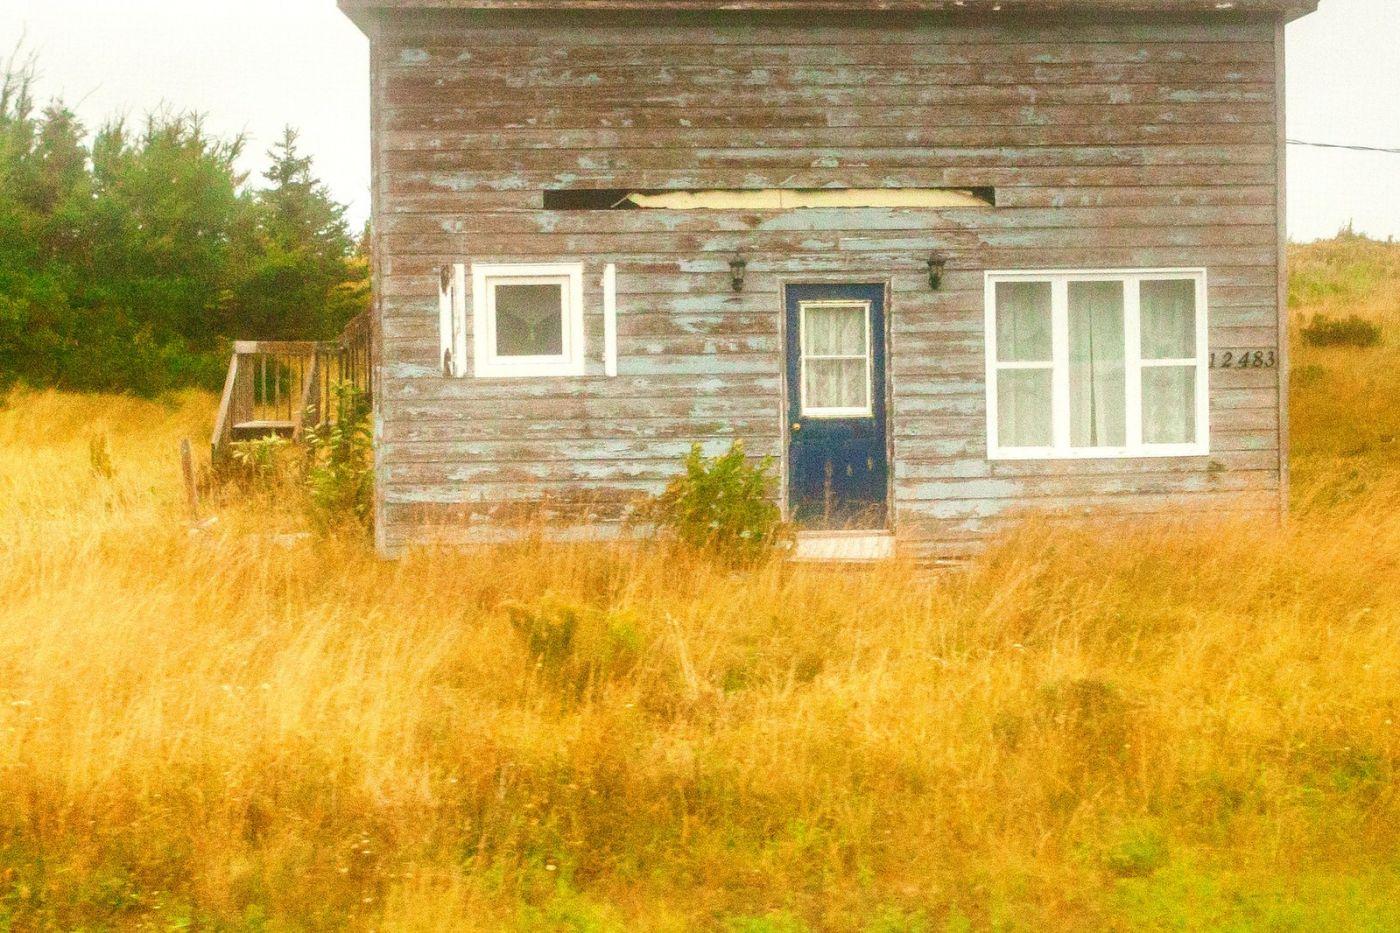 加拿大旅途,家还是自己的好_图1-18